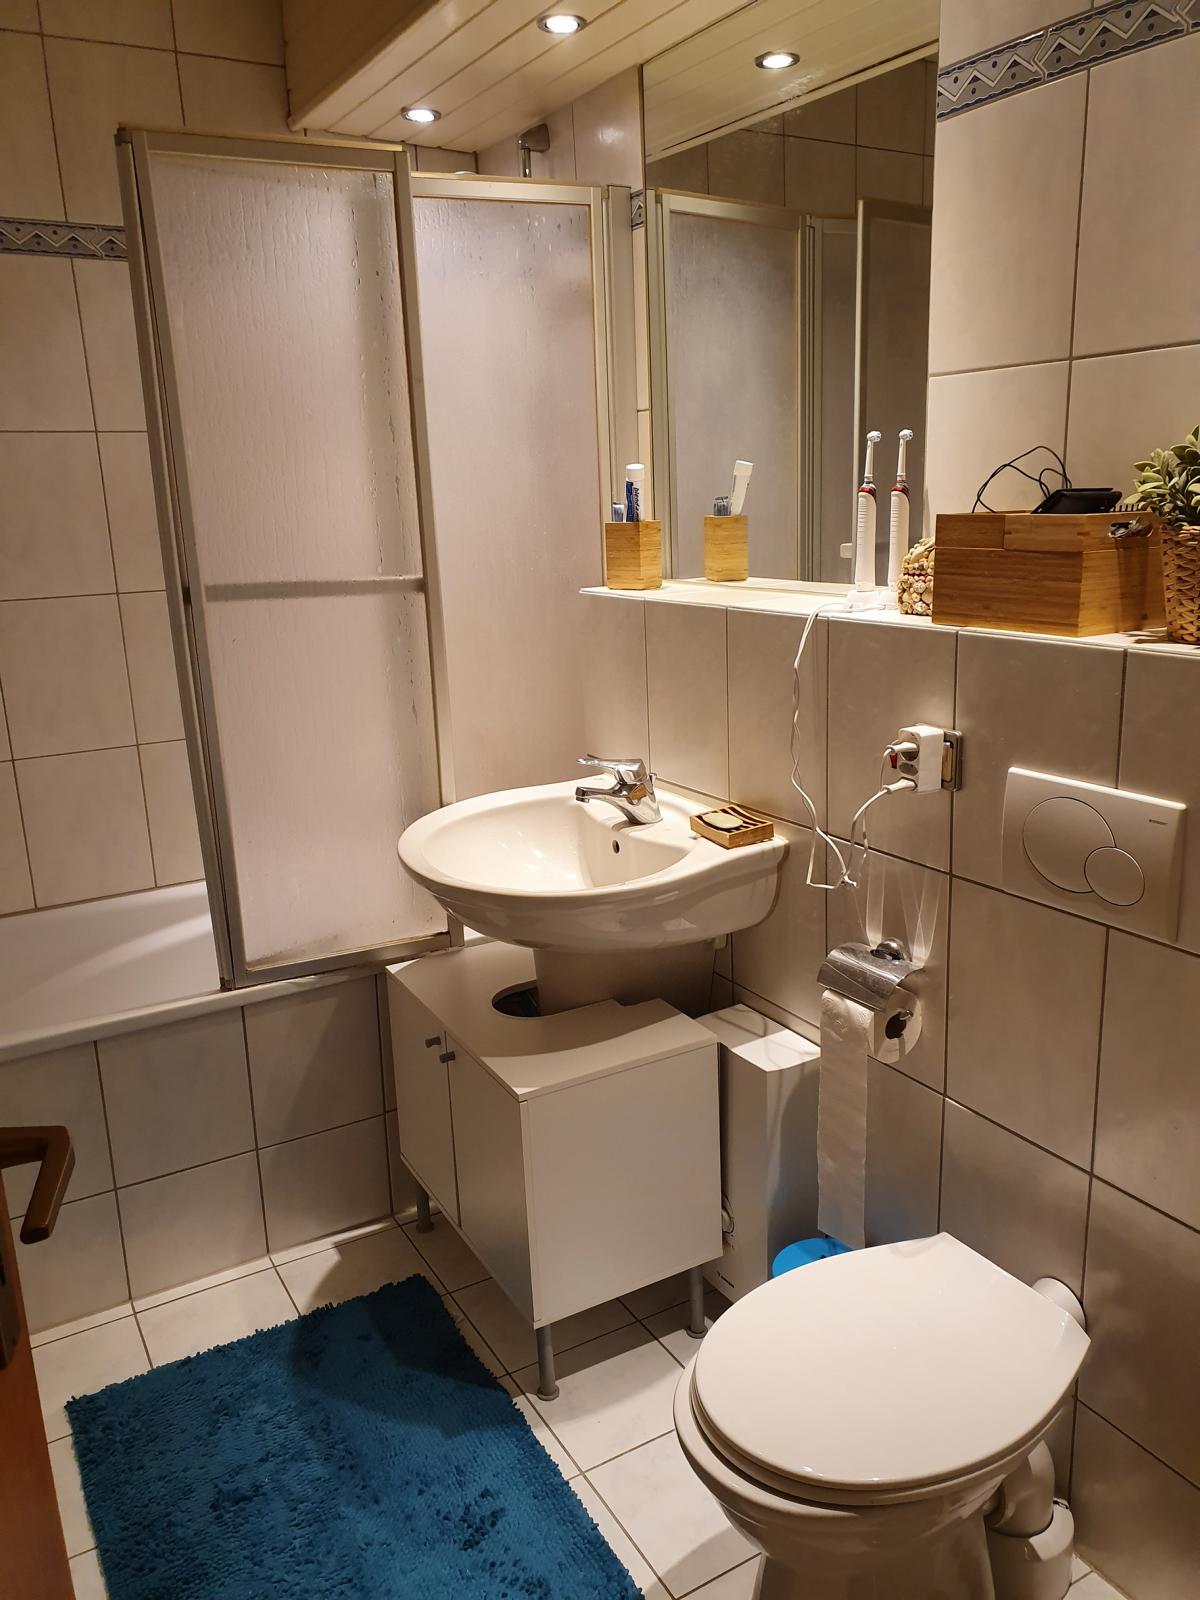 Immobilienmakler Viersen Wohnung Beberich Badezimmer